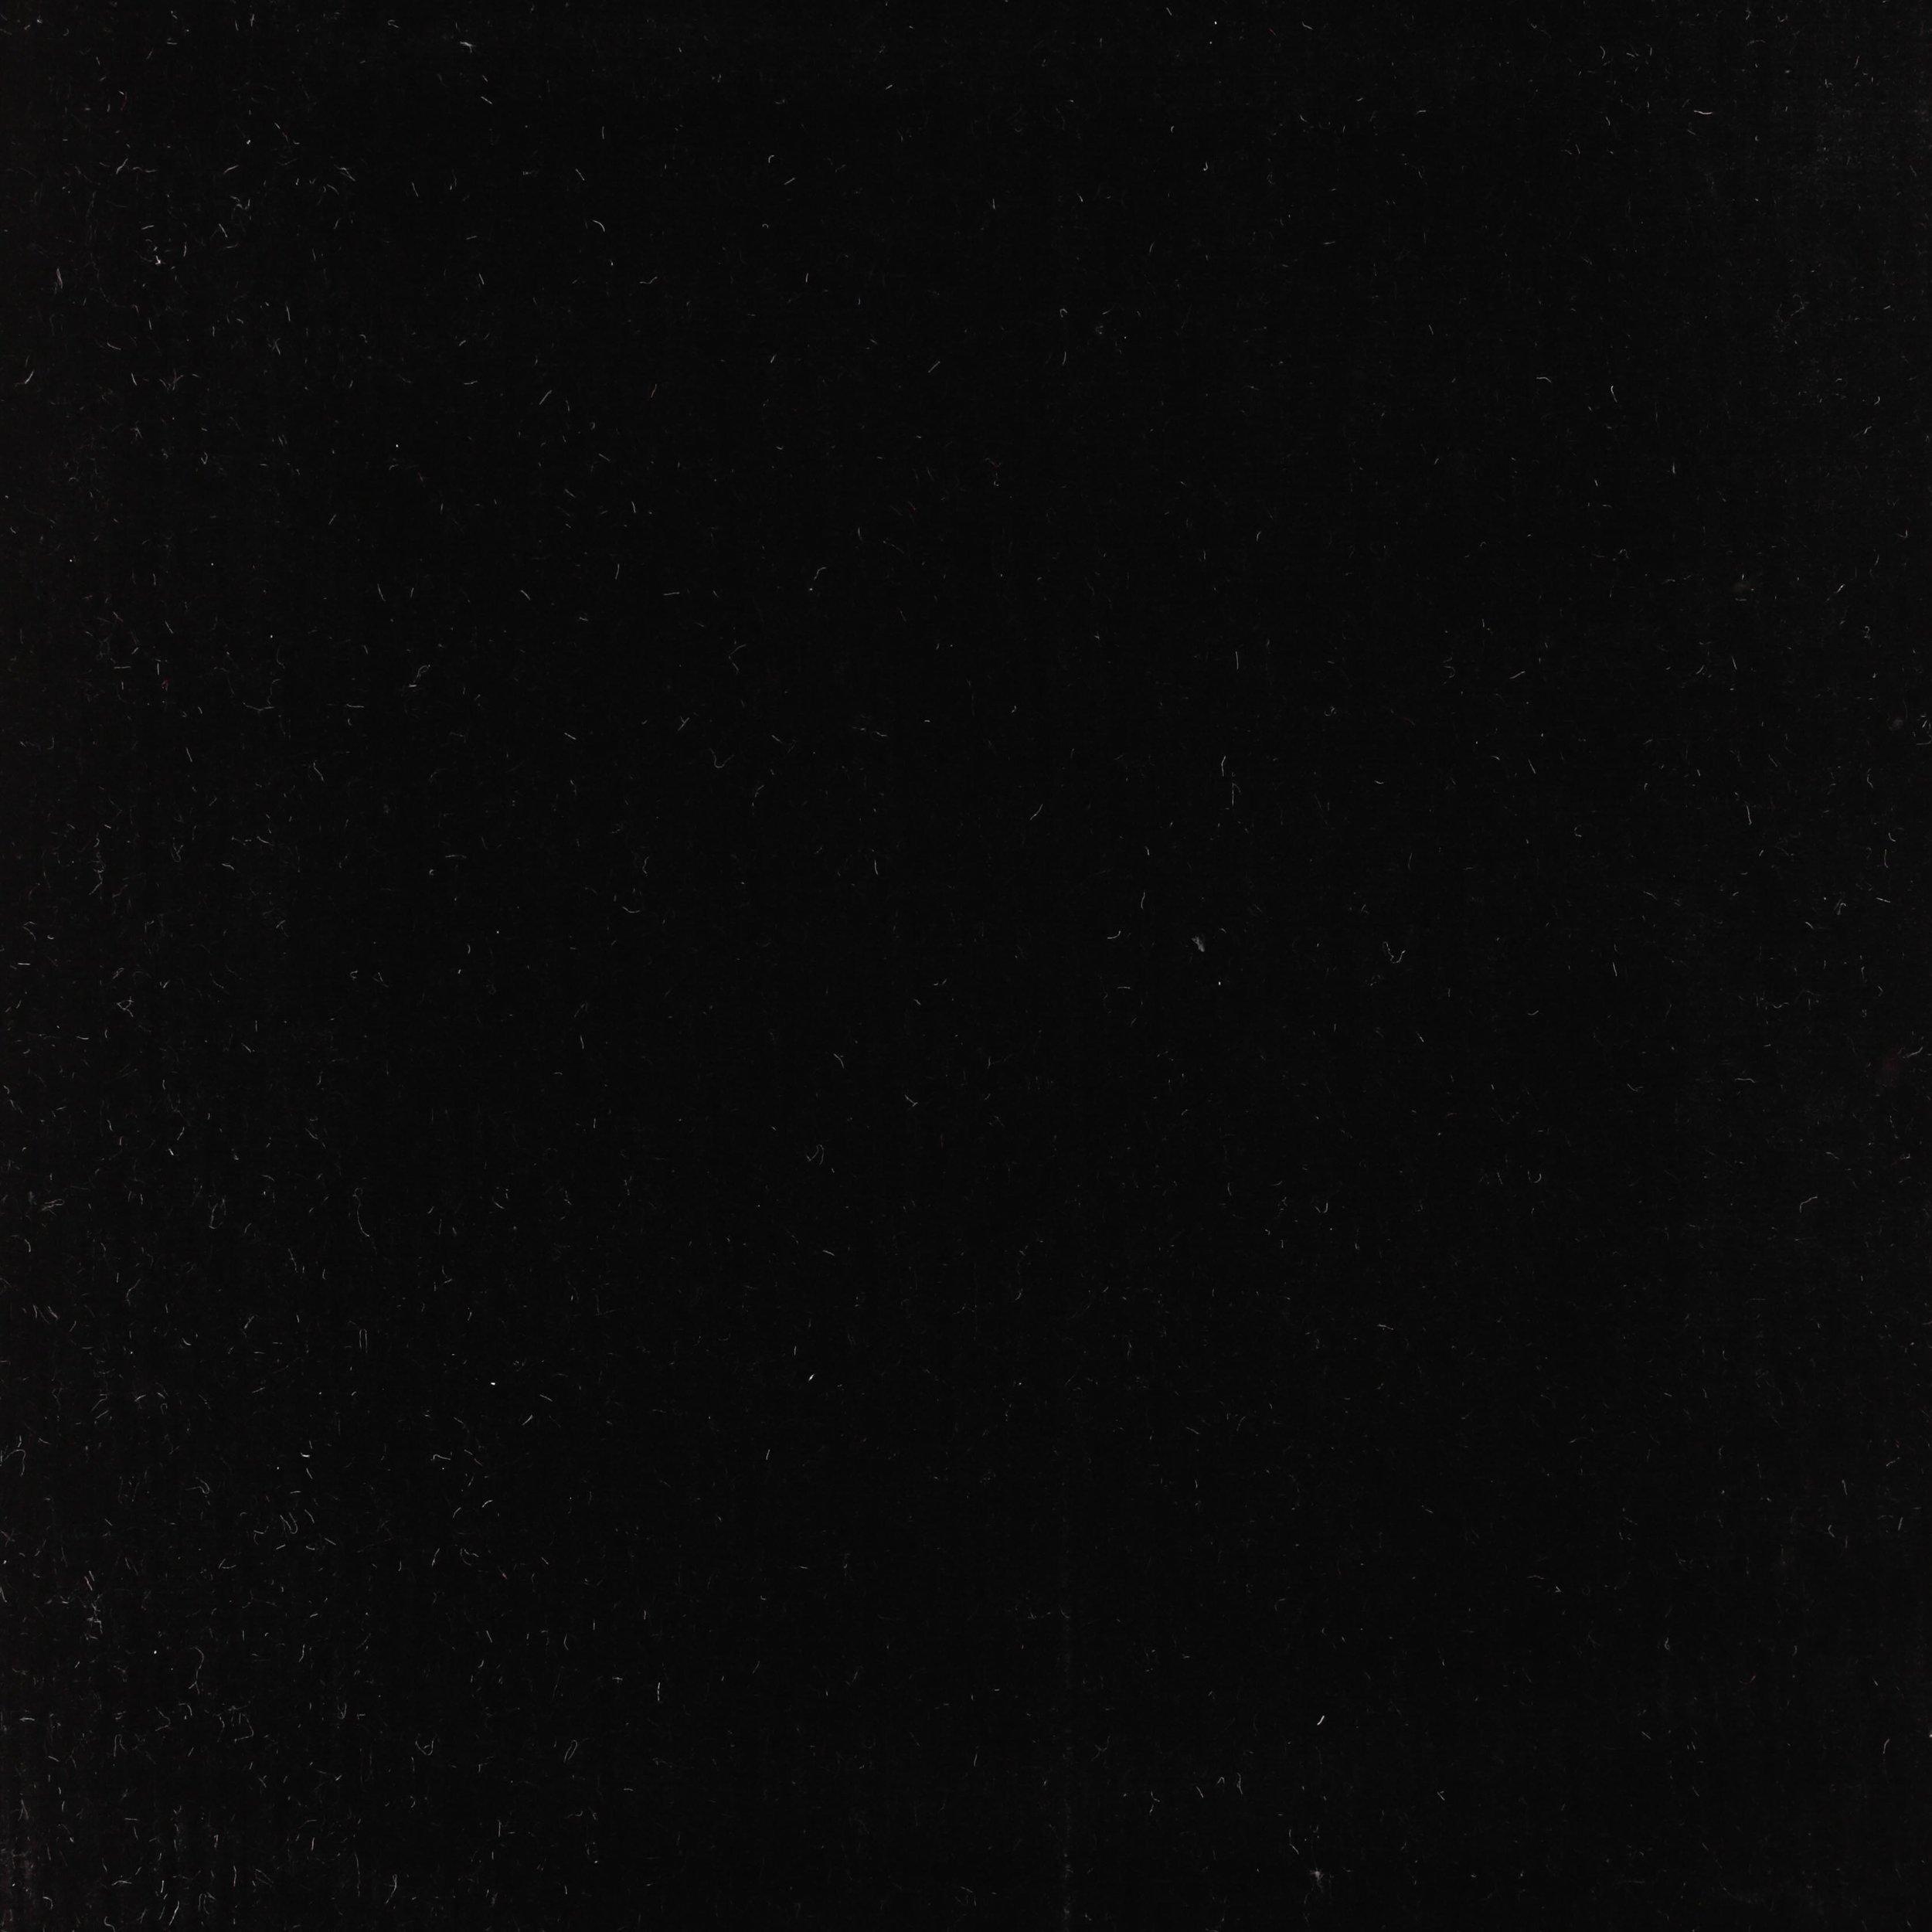 Black 99